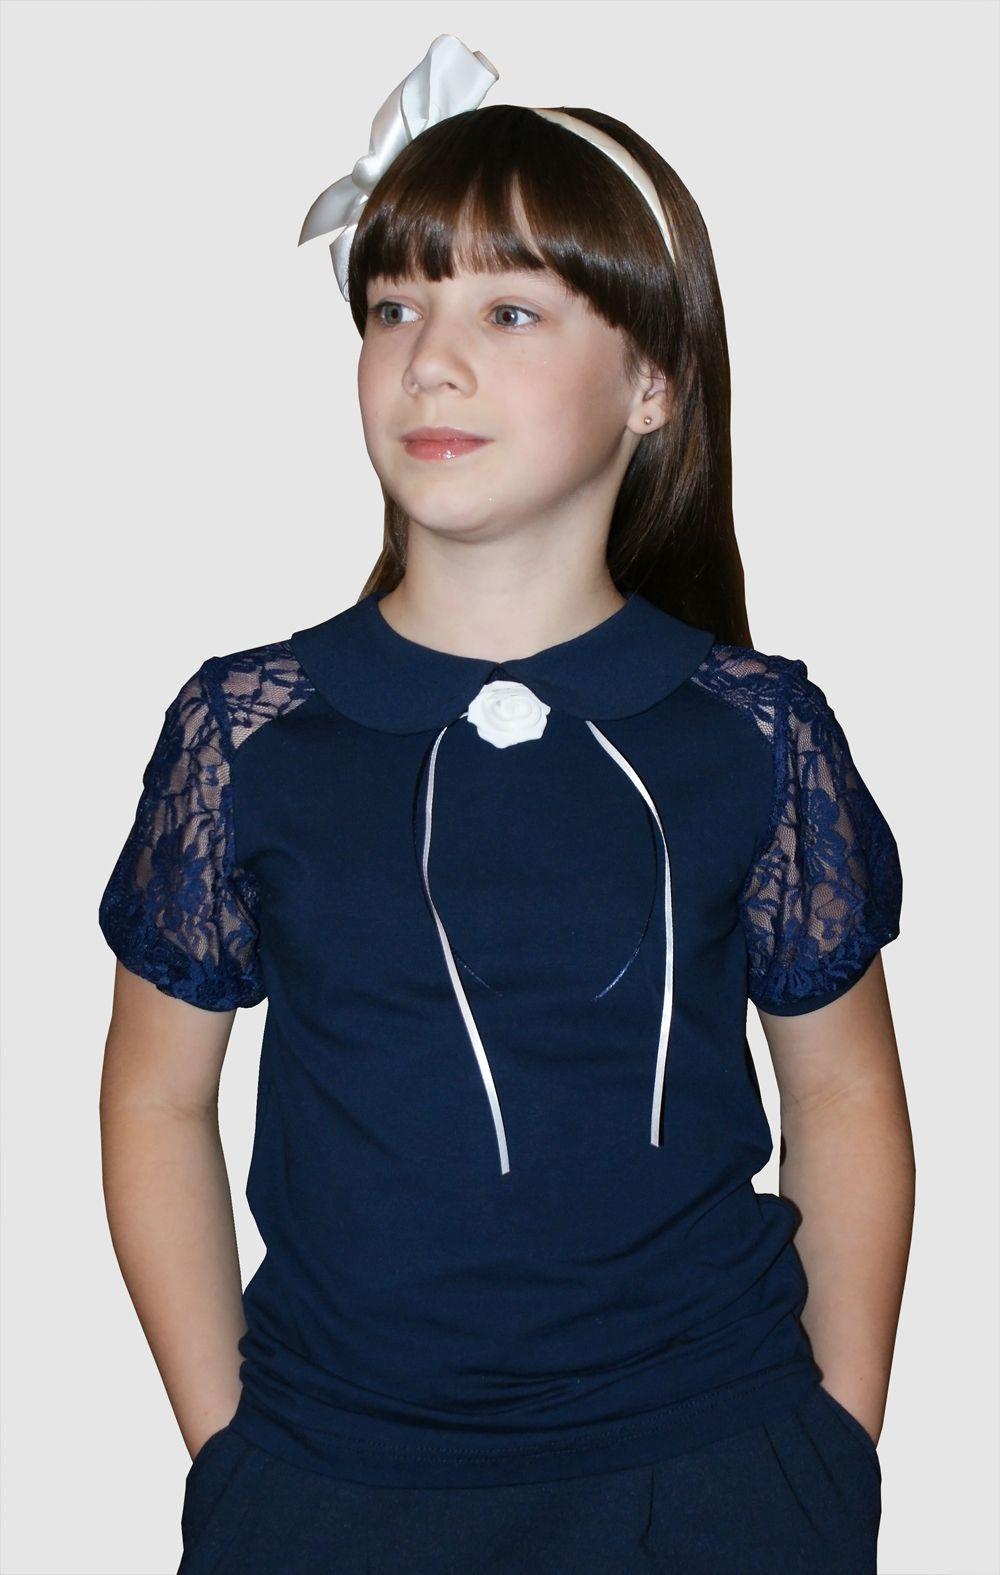 Сбор заказов. Одежда для детей М@ттiель-16. Новые модели нарядных блузок. Скоро последний звонок! Скидки до -25% на коллекции лето и осень! Роскошные нарядные платья от 850руб. вместо 2500р.! Собираем быстро! Без рядов.